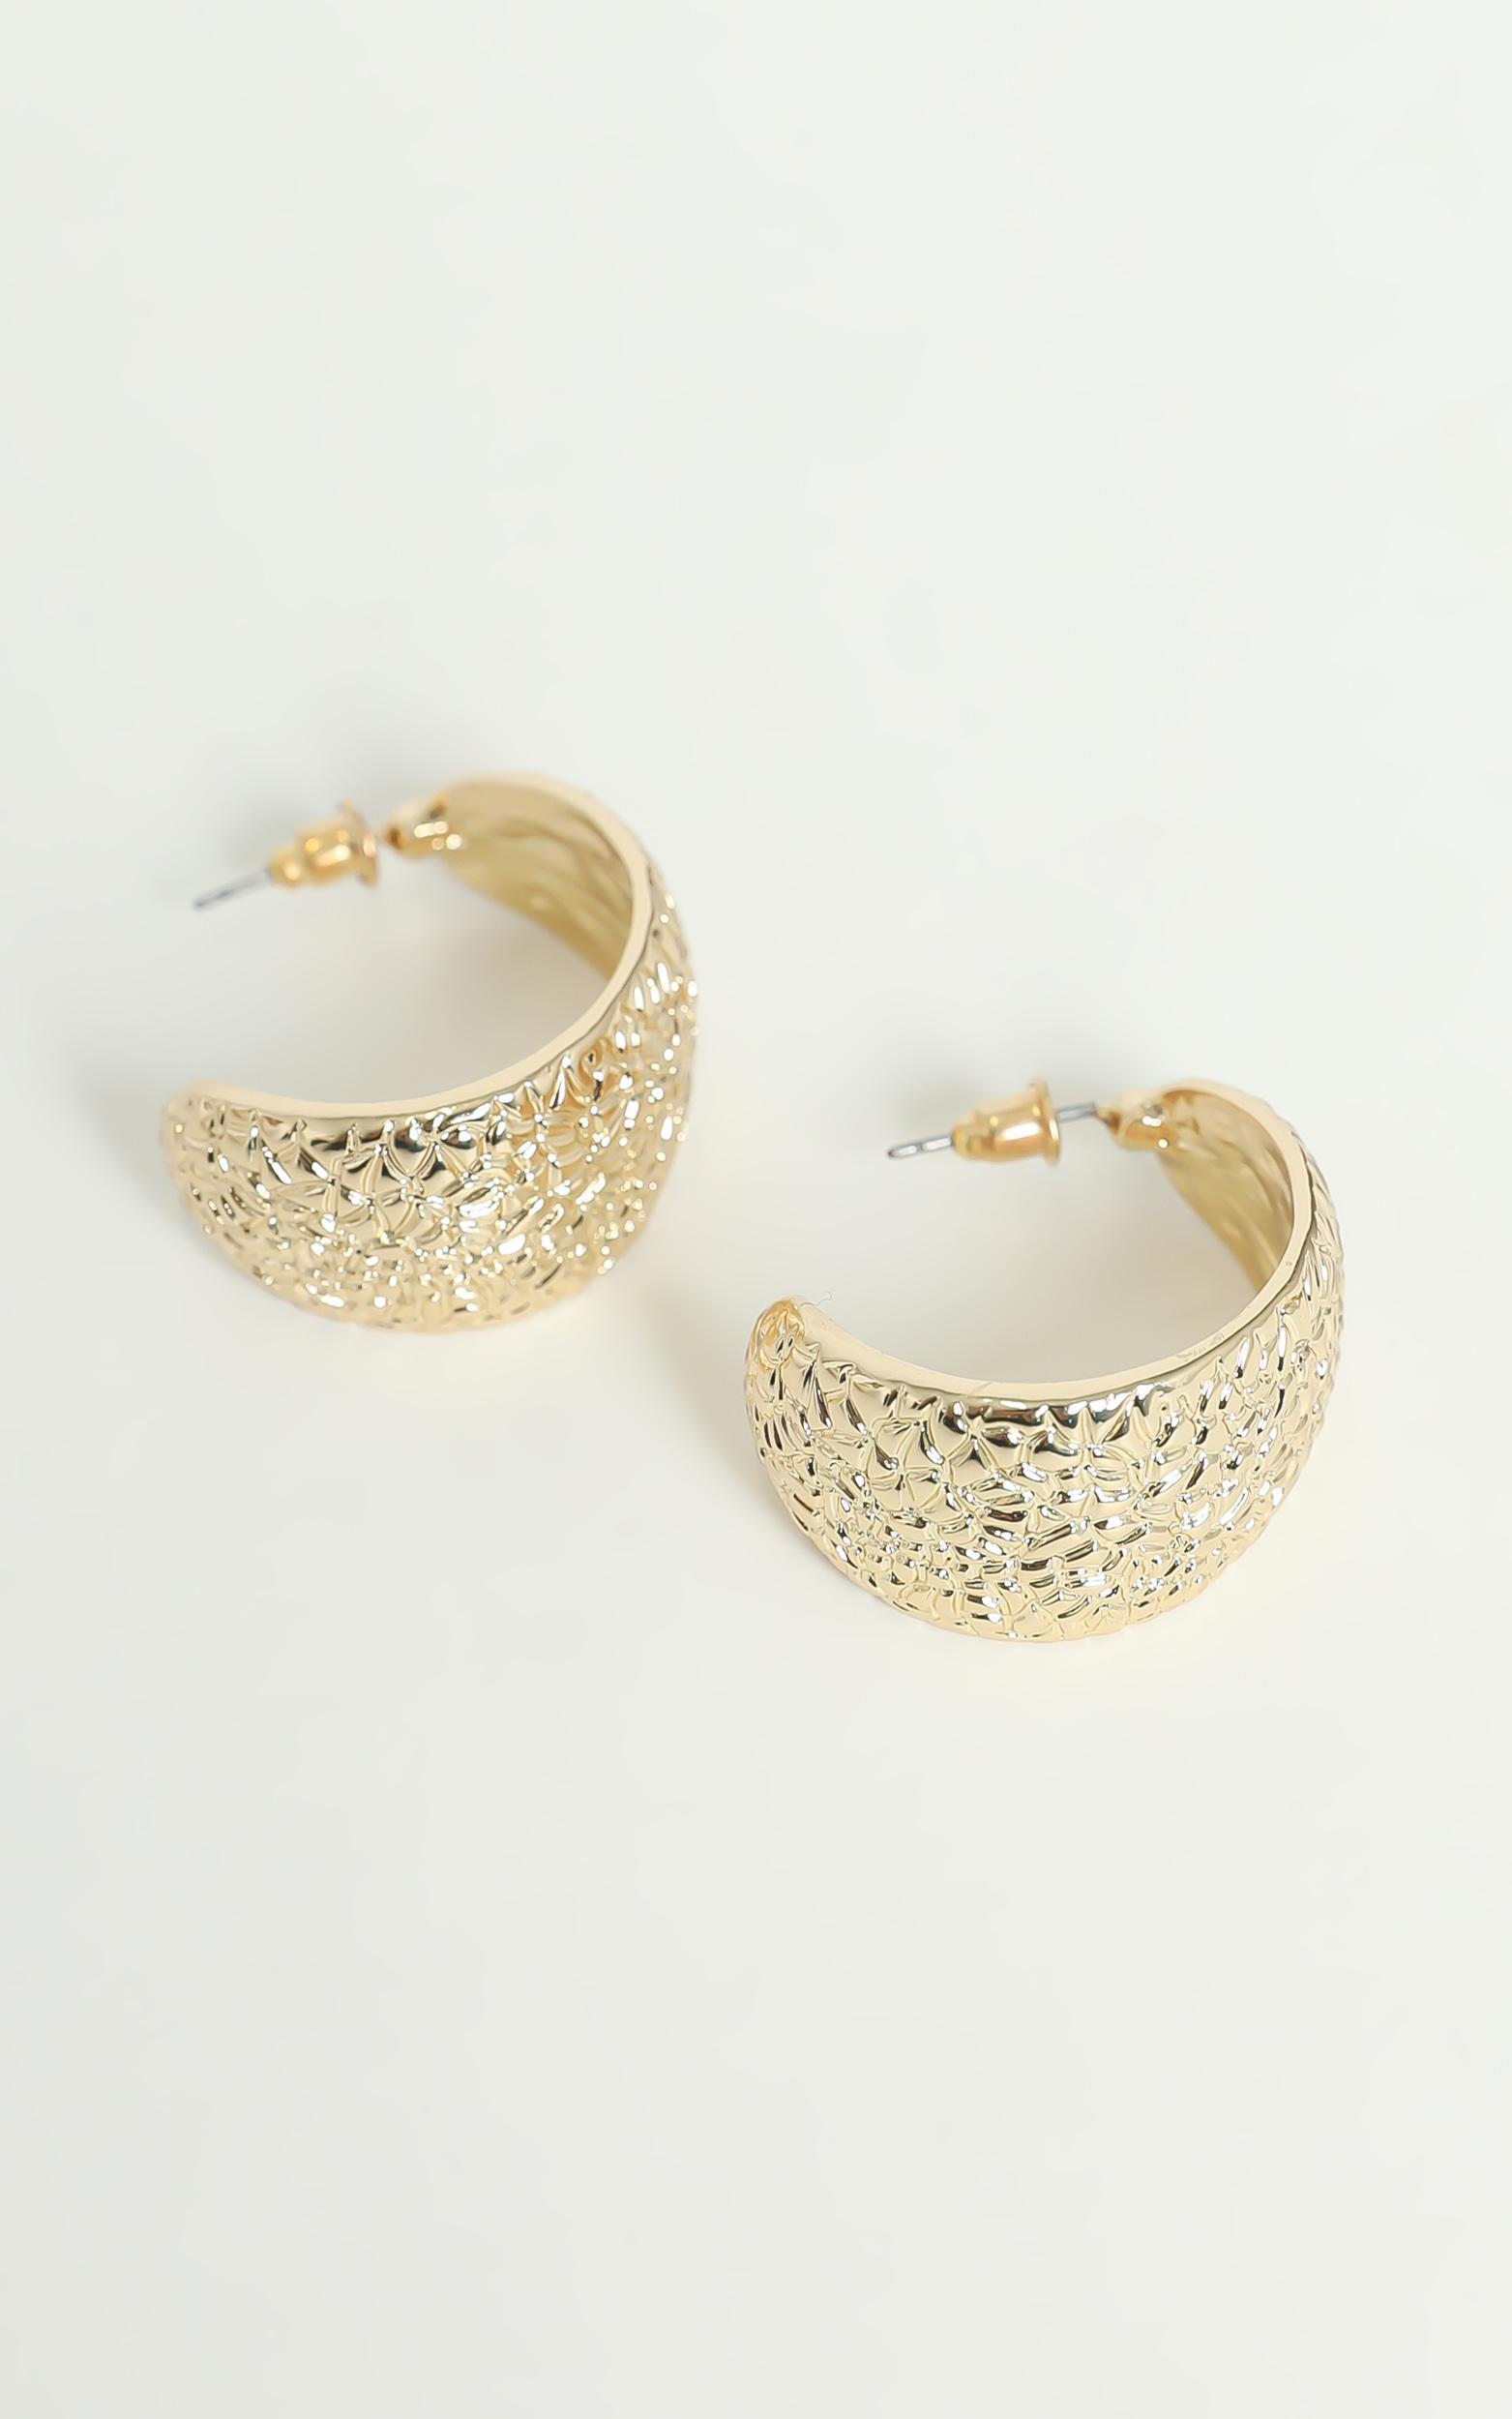 Biancah Hoop Earrings in Gold, , hi-res image number null